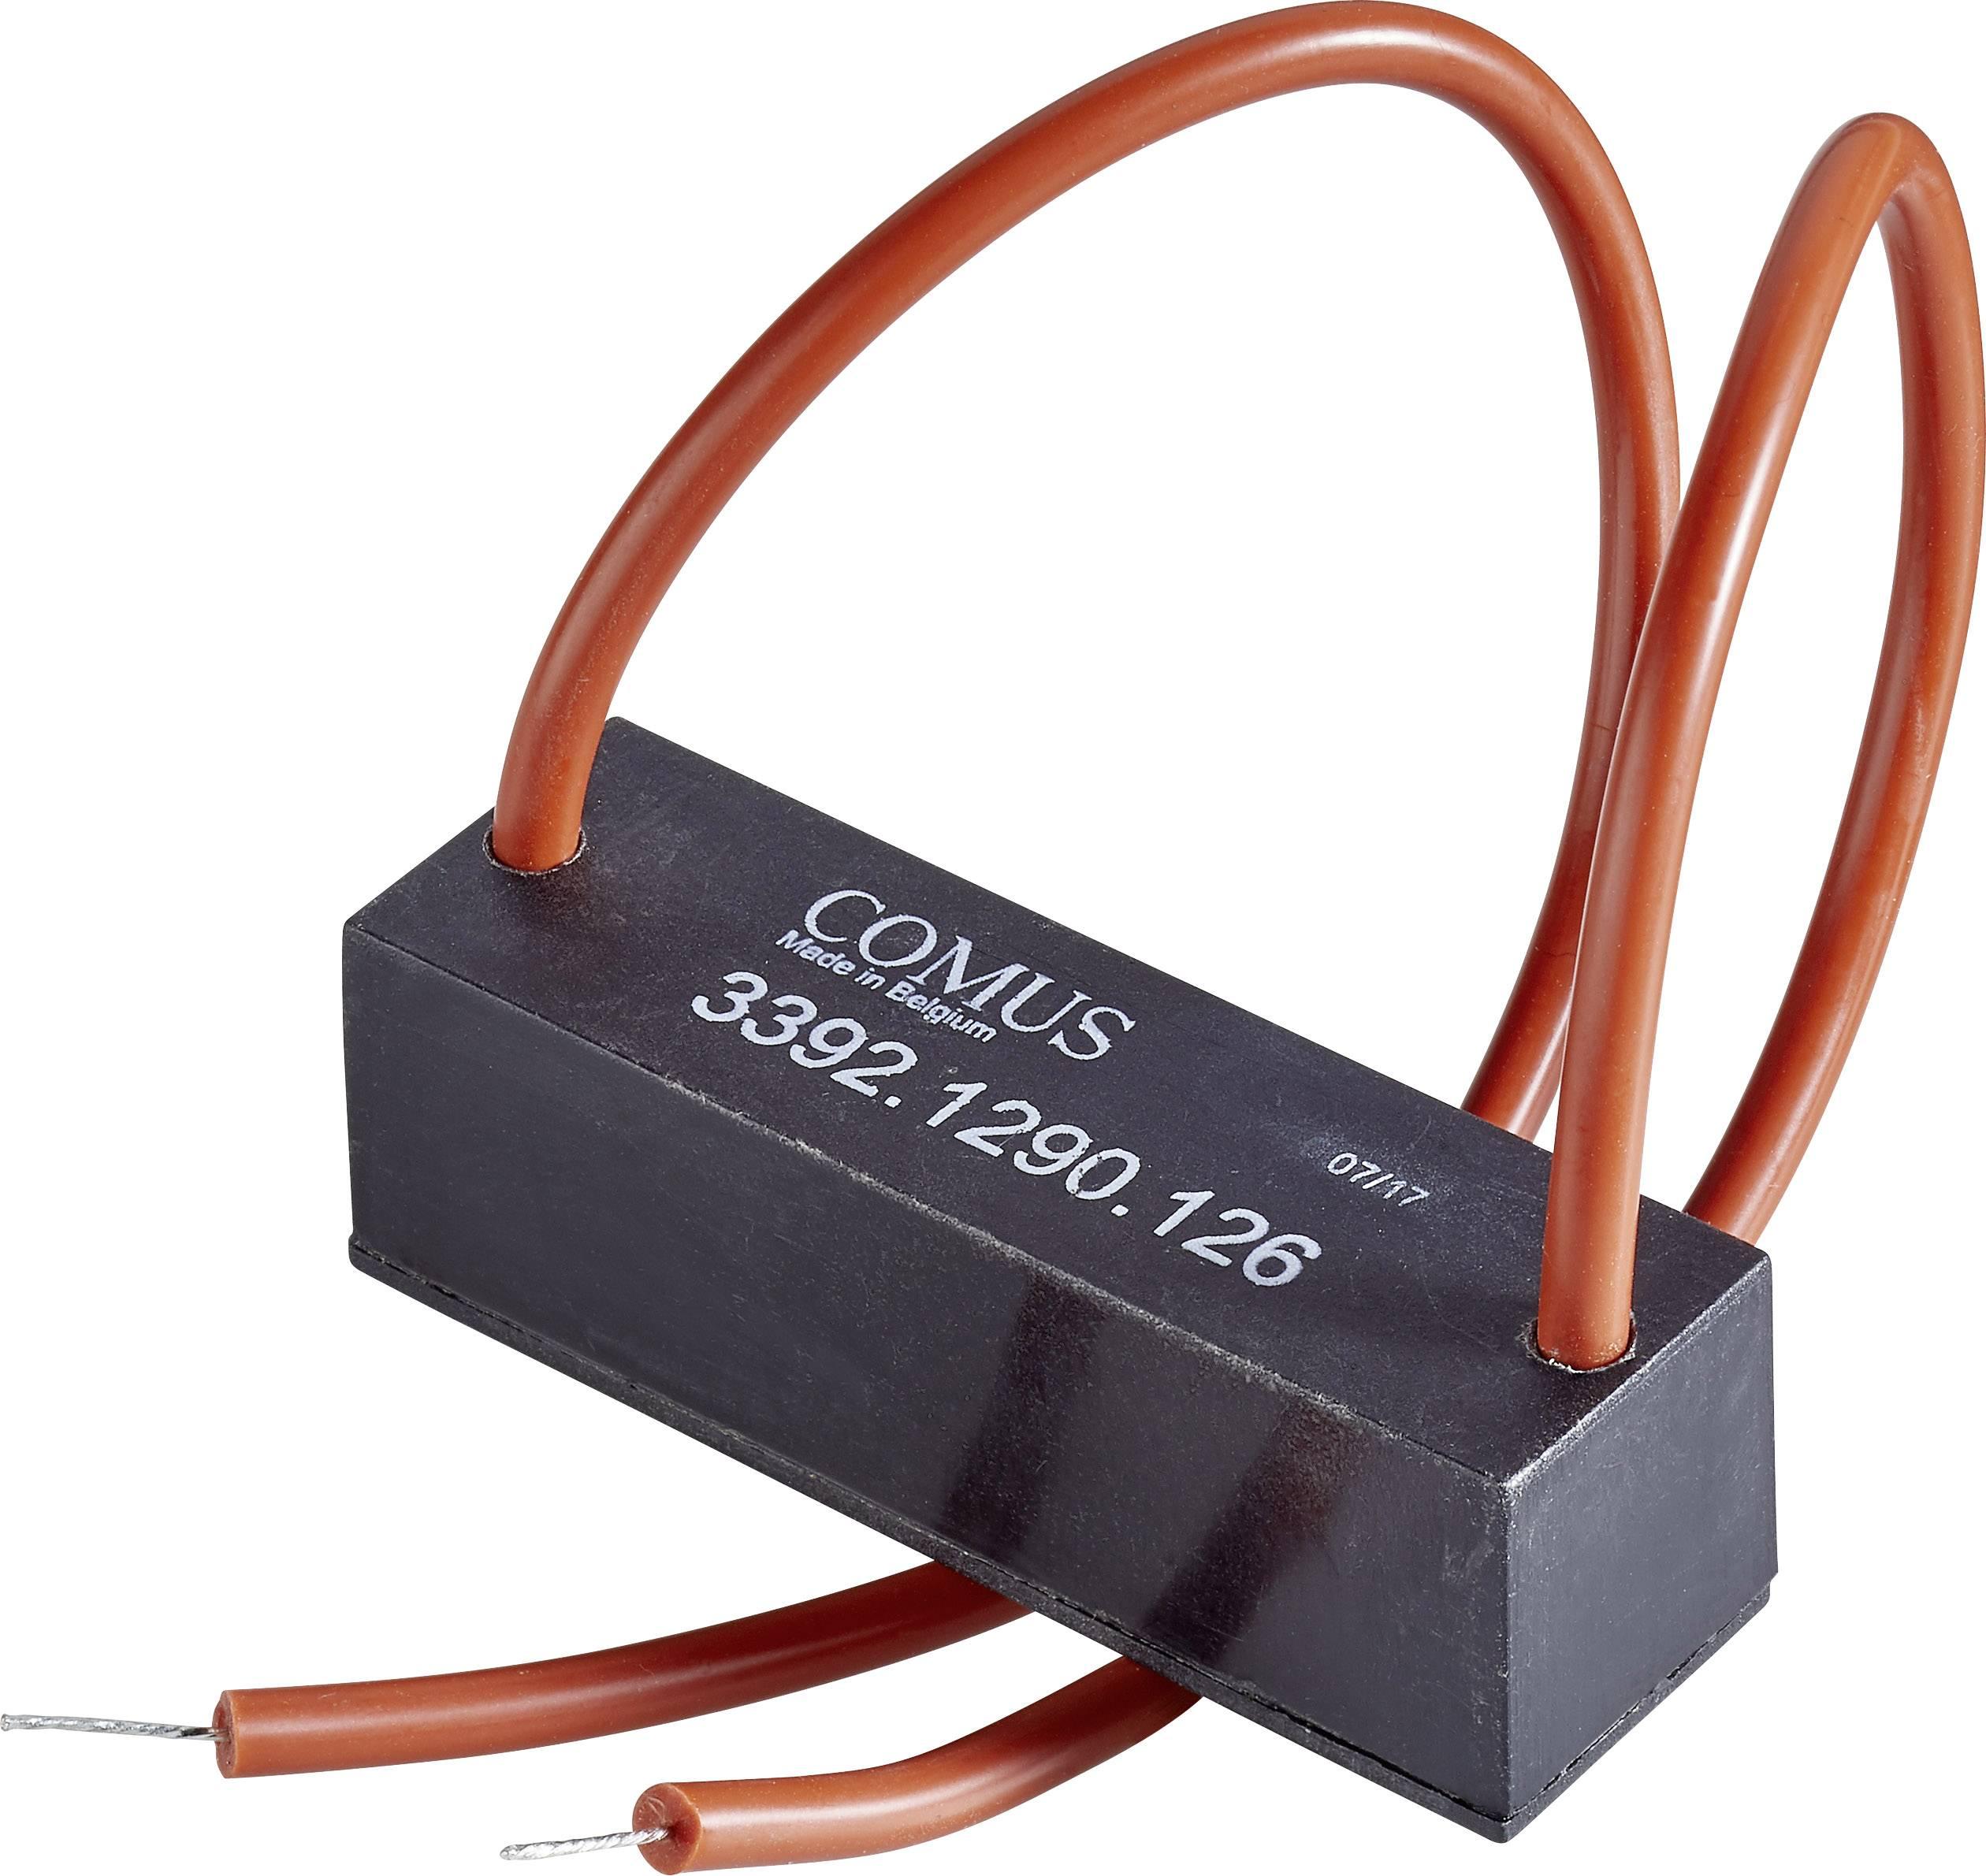 Relé s jazýčkovým kontaktem Comus 3392-1290-246, 3392-1290-246, 1 spínací kontakt, 24 V/DC, 3 A, 50 W